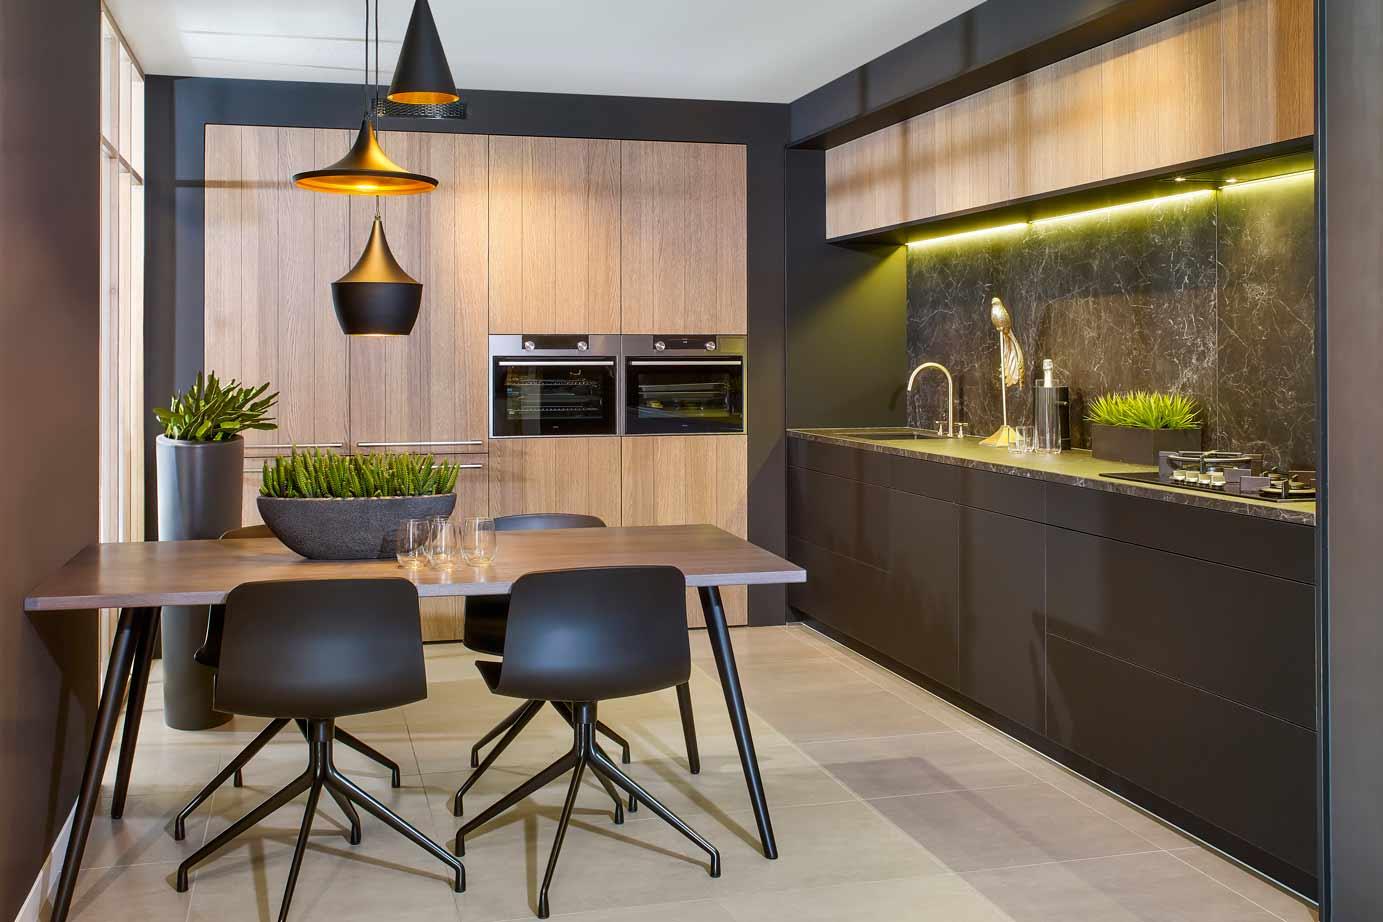 Moderne Zwarte Keuken : Zwarte keukens krijg inspiratie door vele voorbeelden db keukens